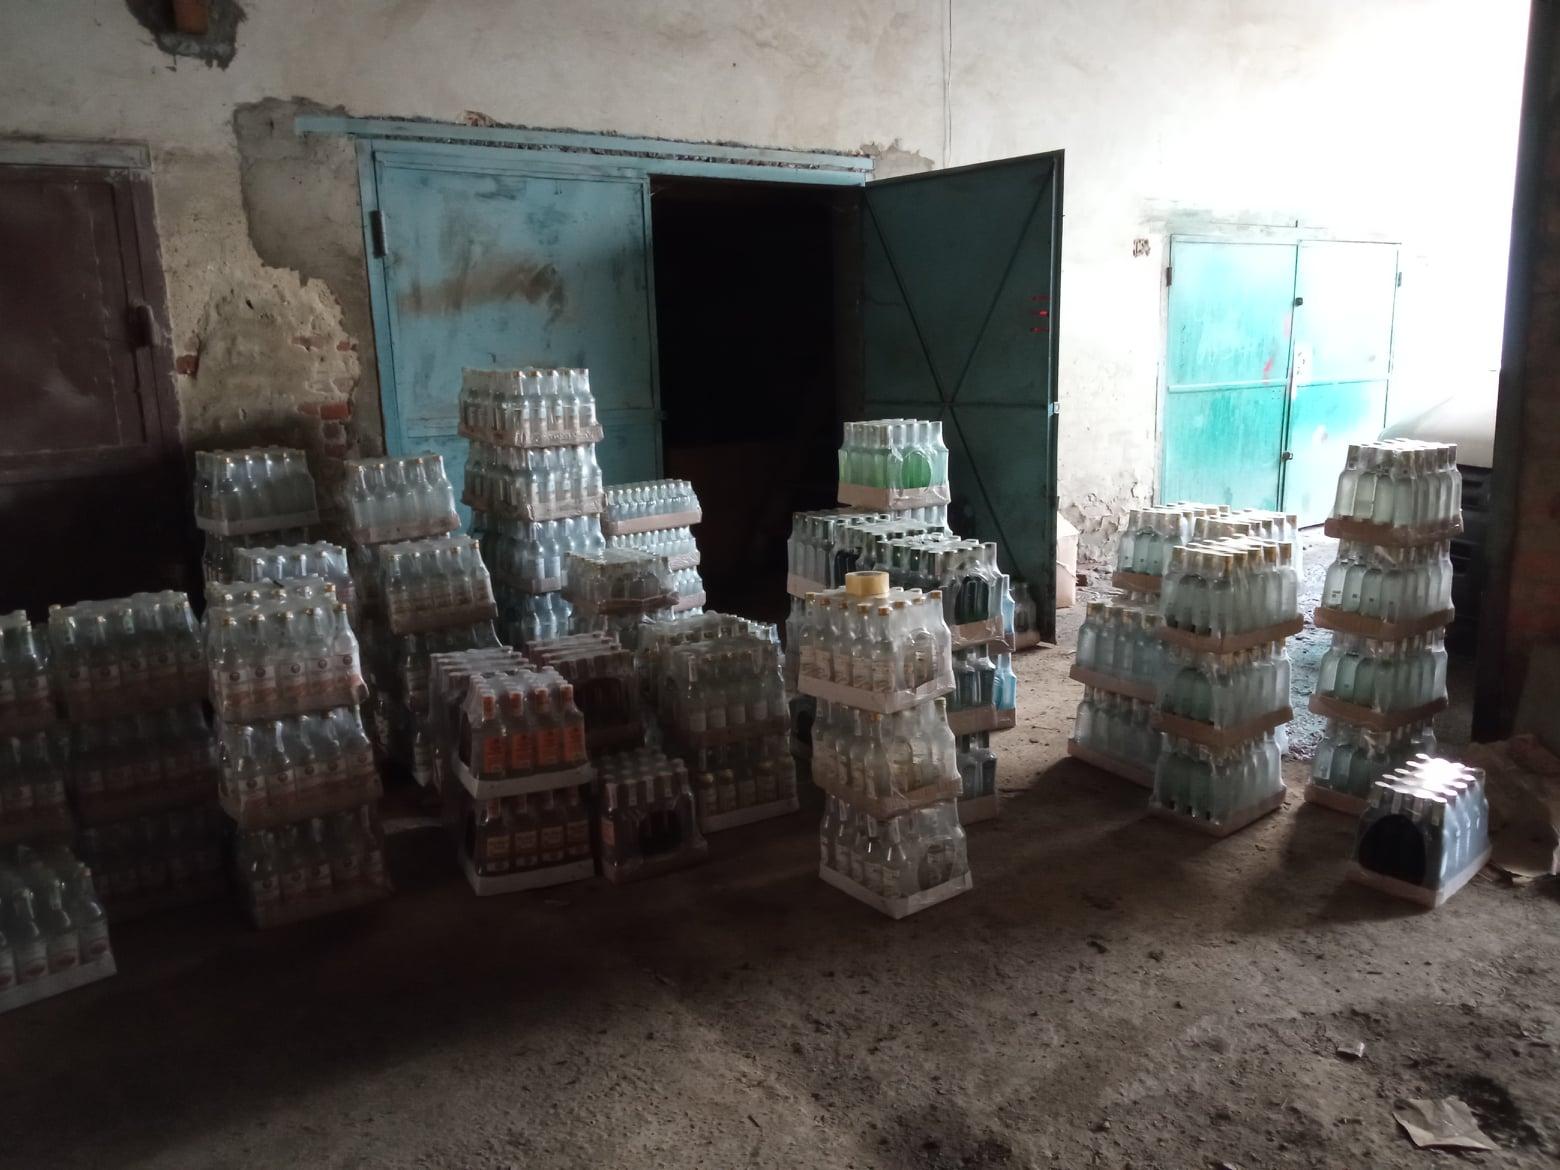 У Франківську з незаконного обігу вилучили понад 4 тисячі літрів фальсифікованого алкоголю (ФОТО)